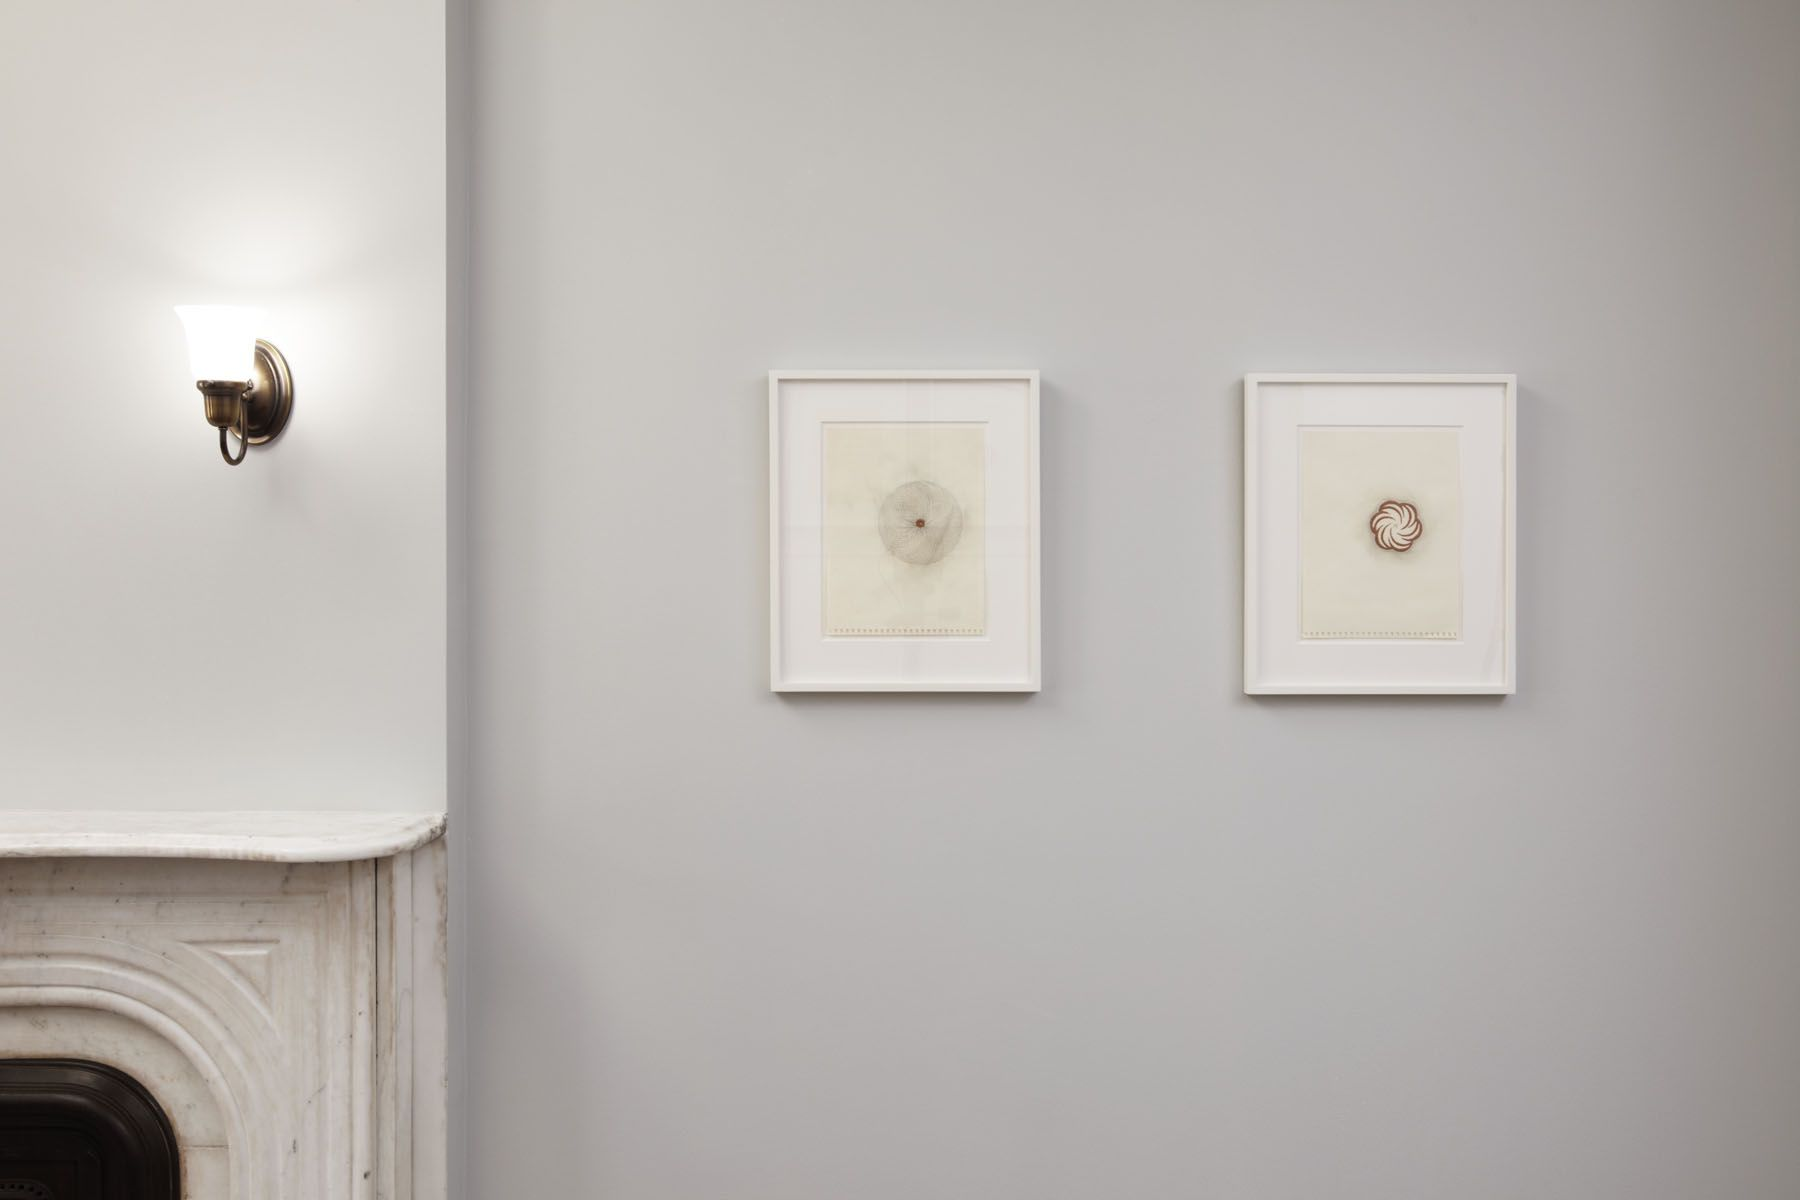 Range(Installation View), Marianne Boesky Gallery, Uptown, 2010